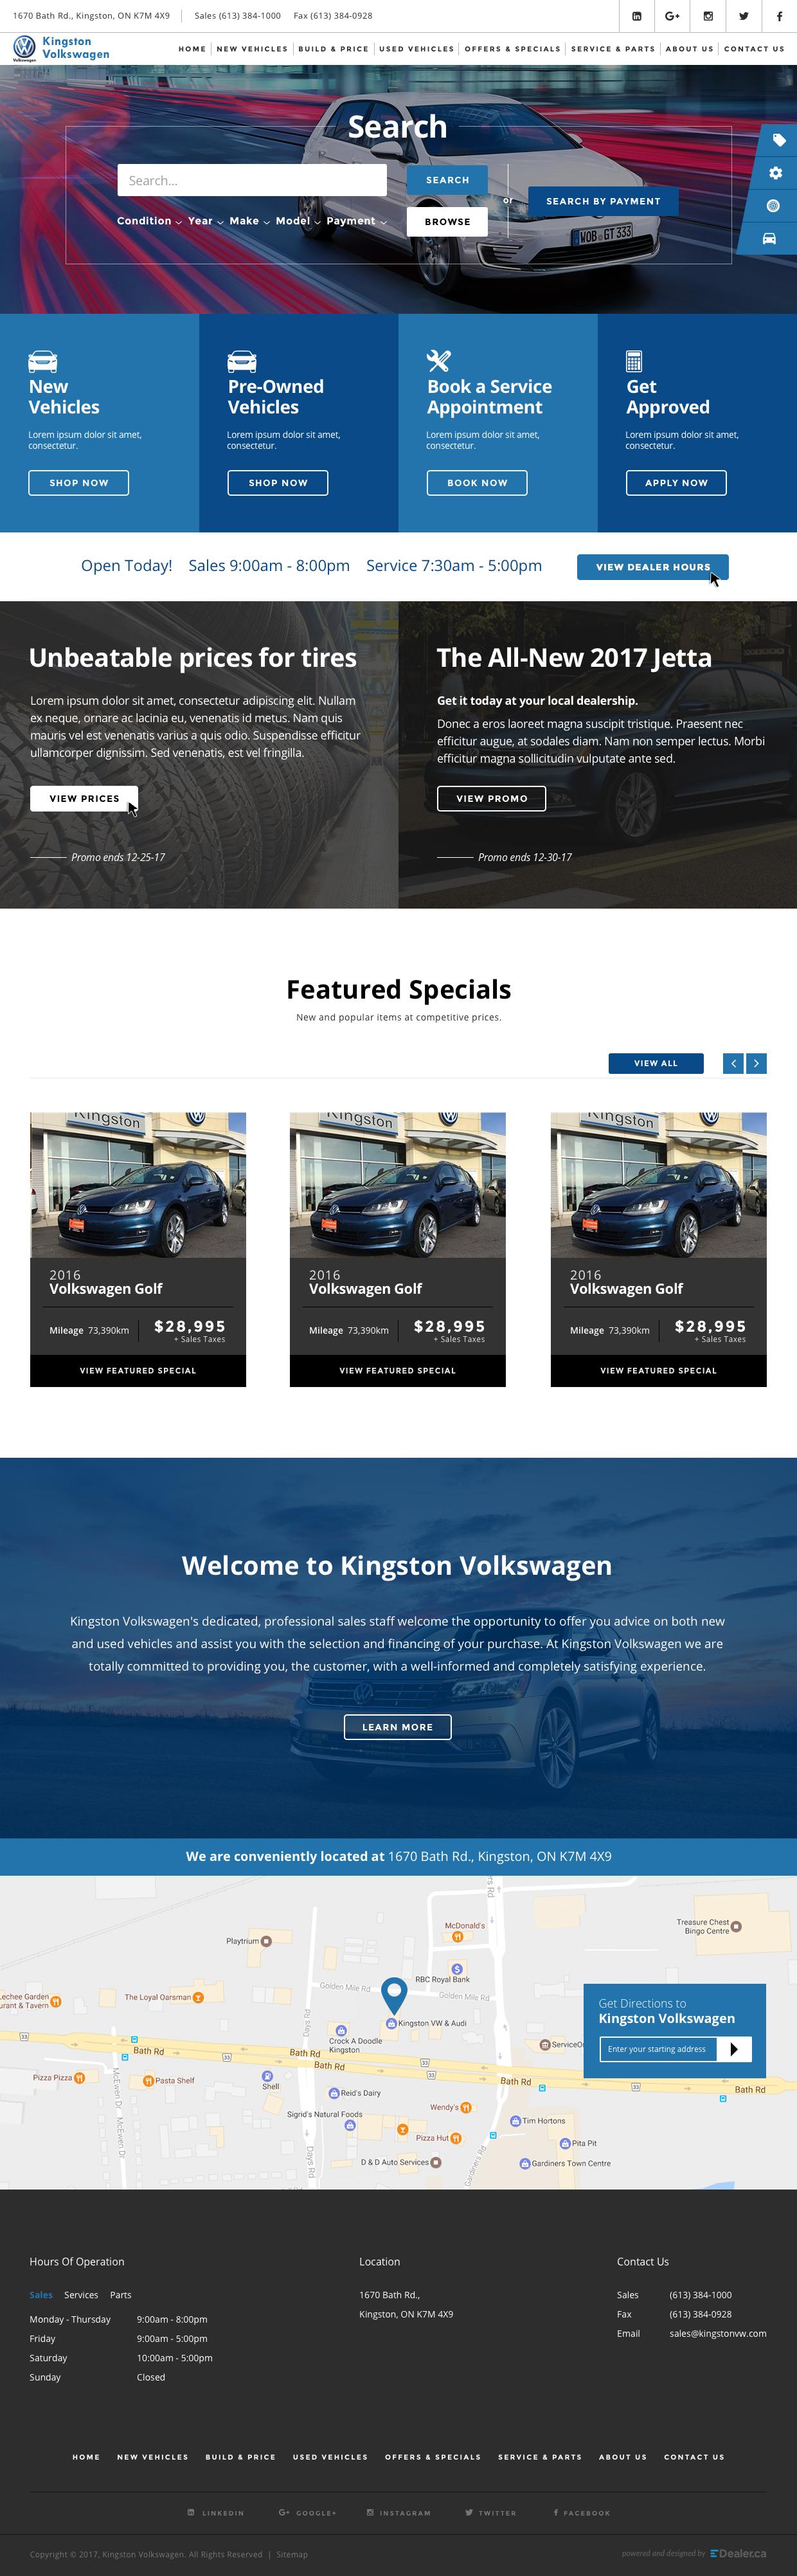 Kingston-VW-1240px-final